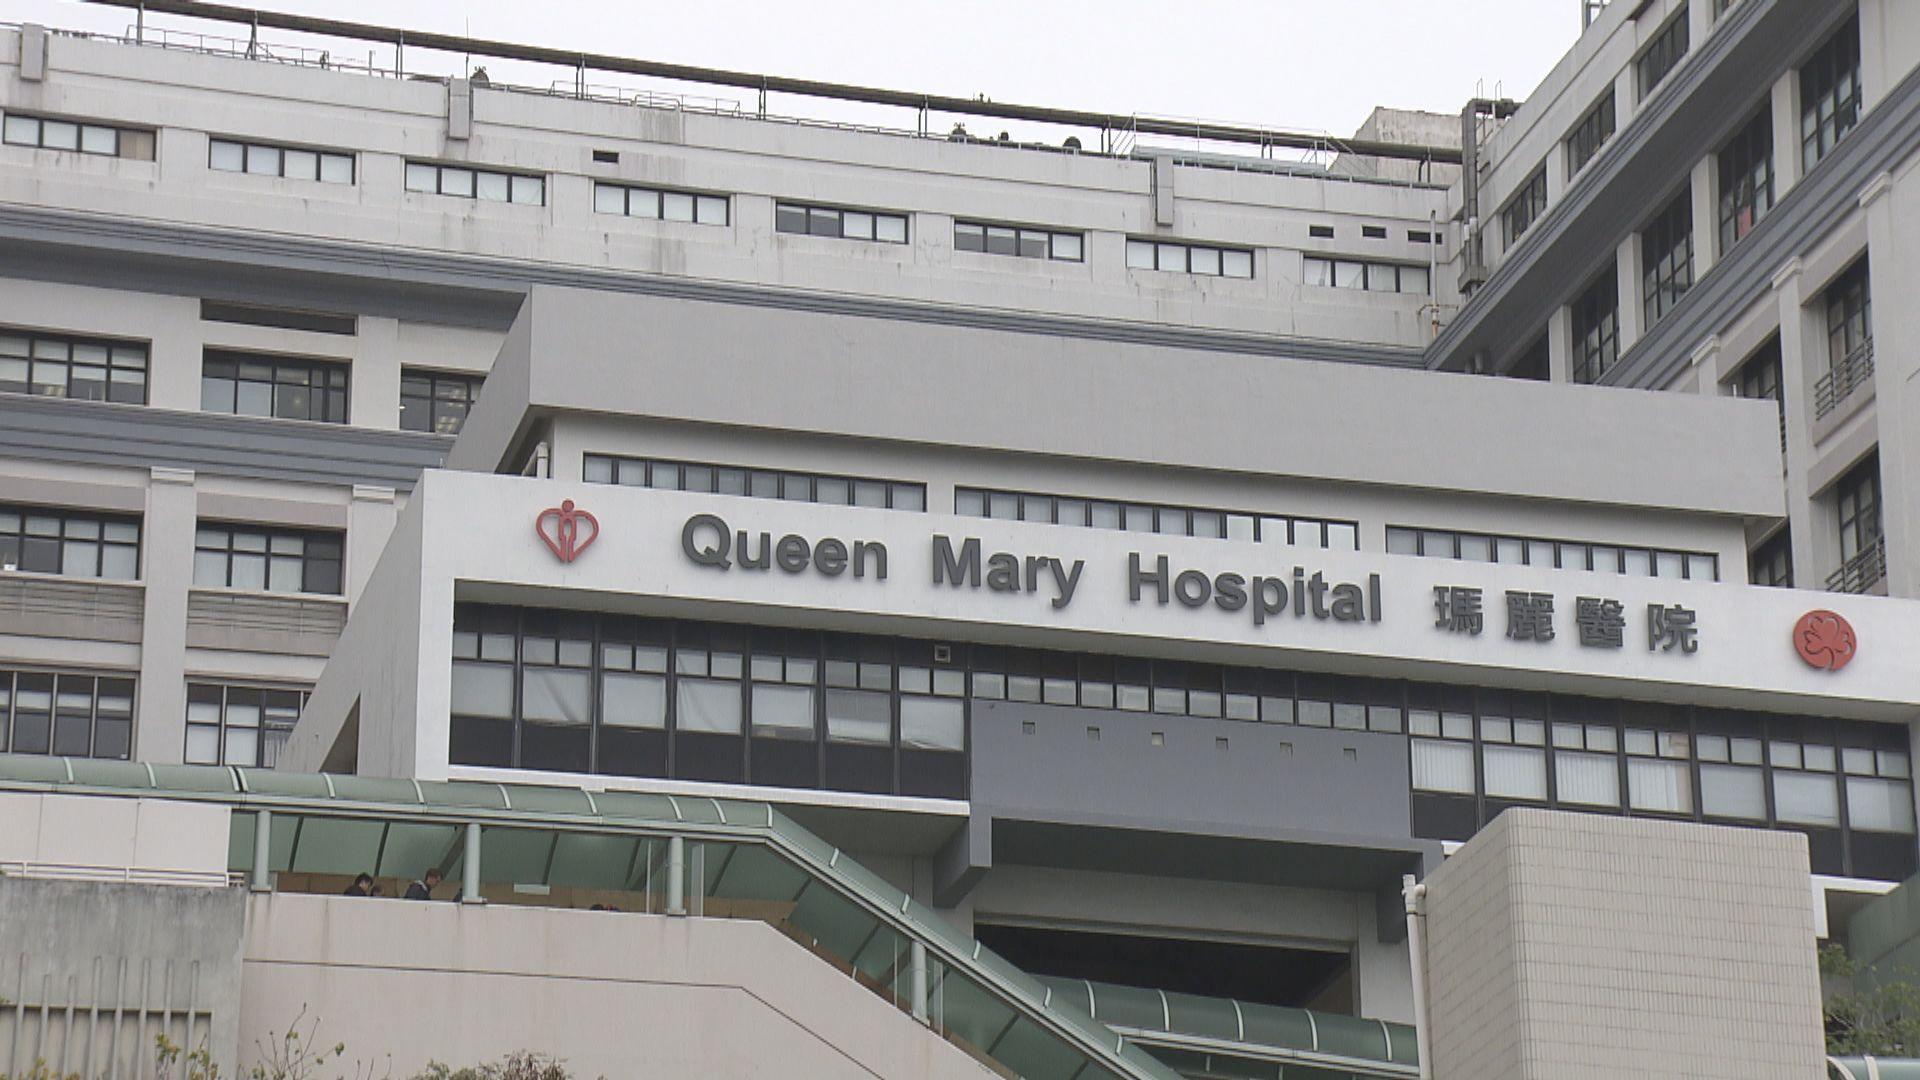 瑪麗醫院有文件疑被竊 涉及370名病人資料